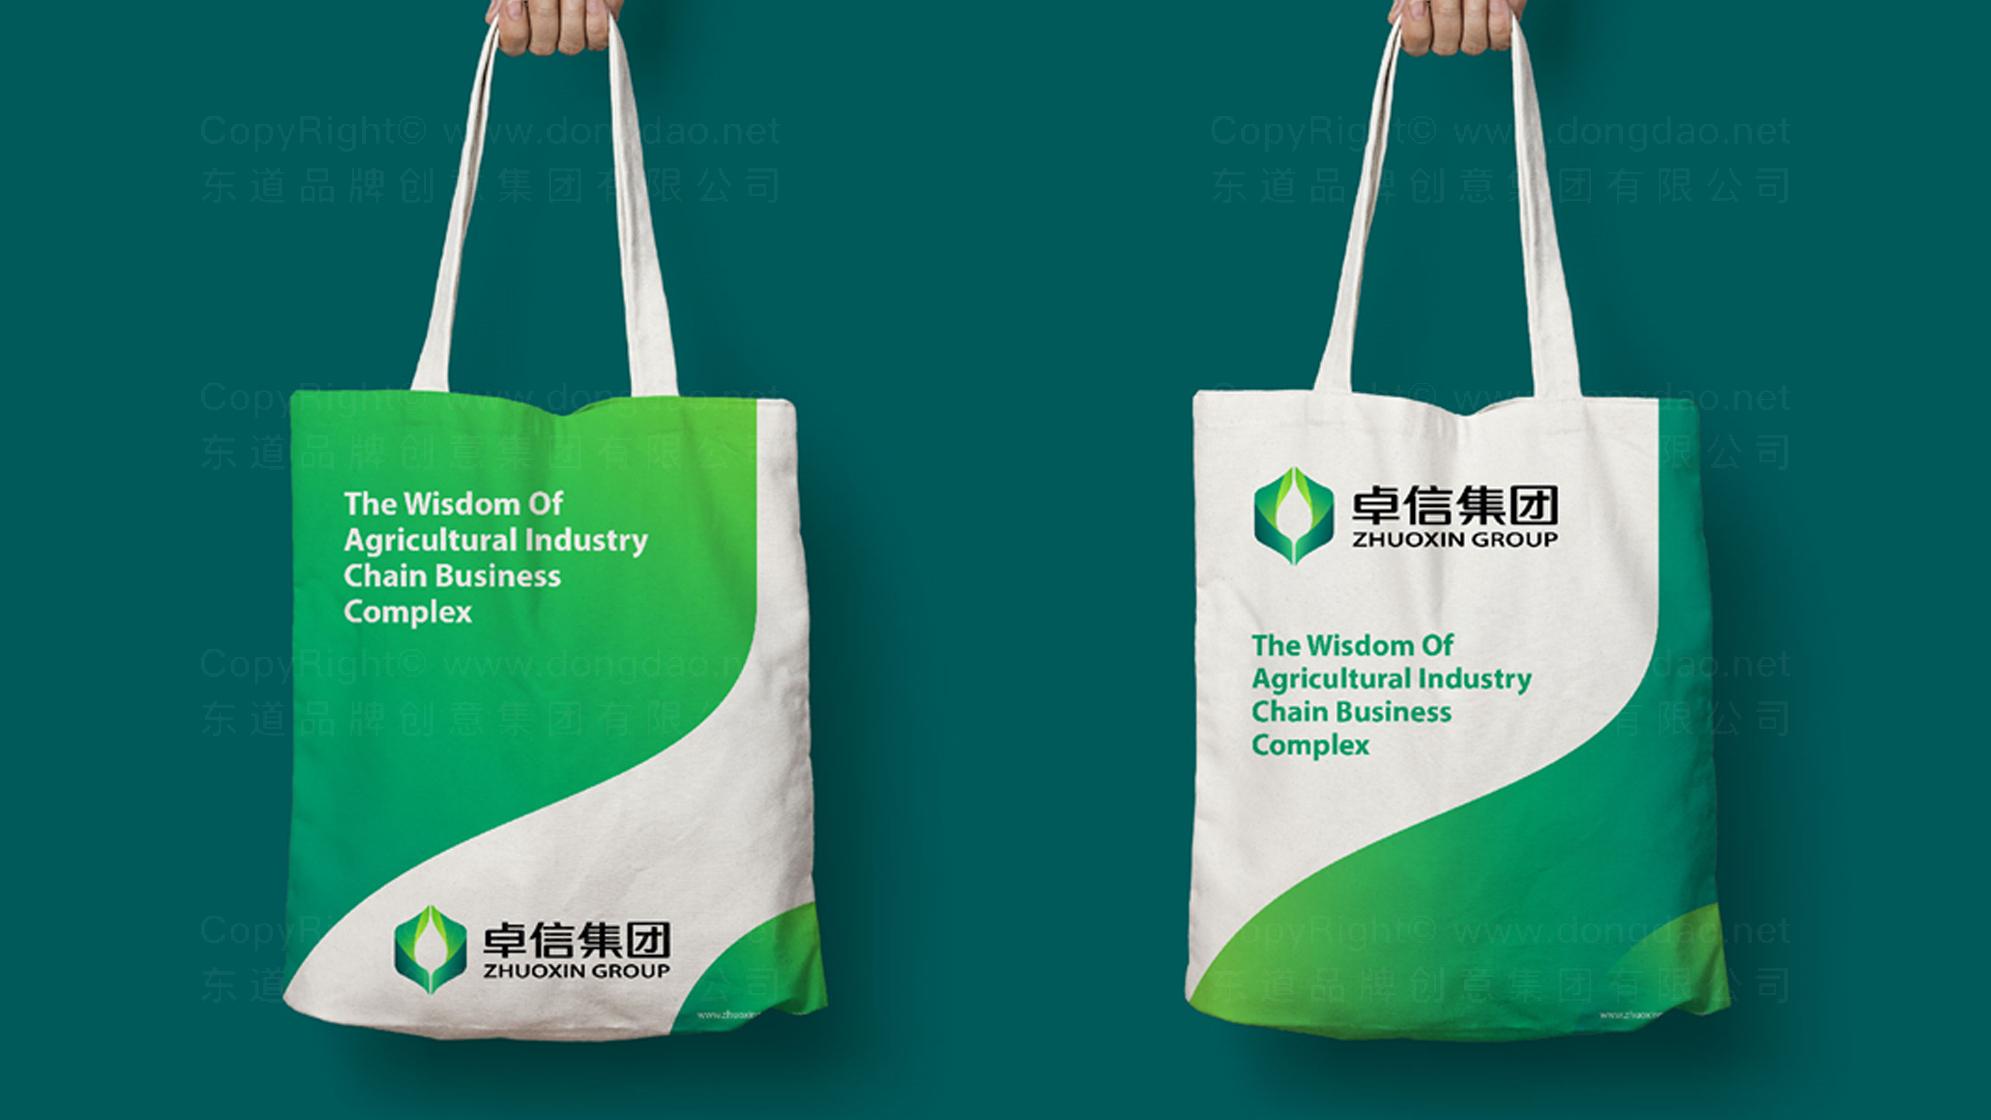 集团公司logo设计标志设计应用场景_3